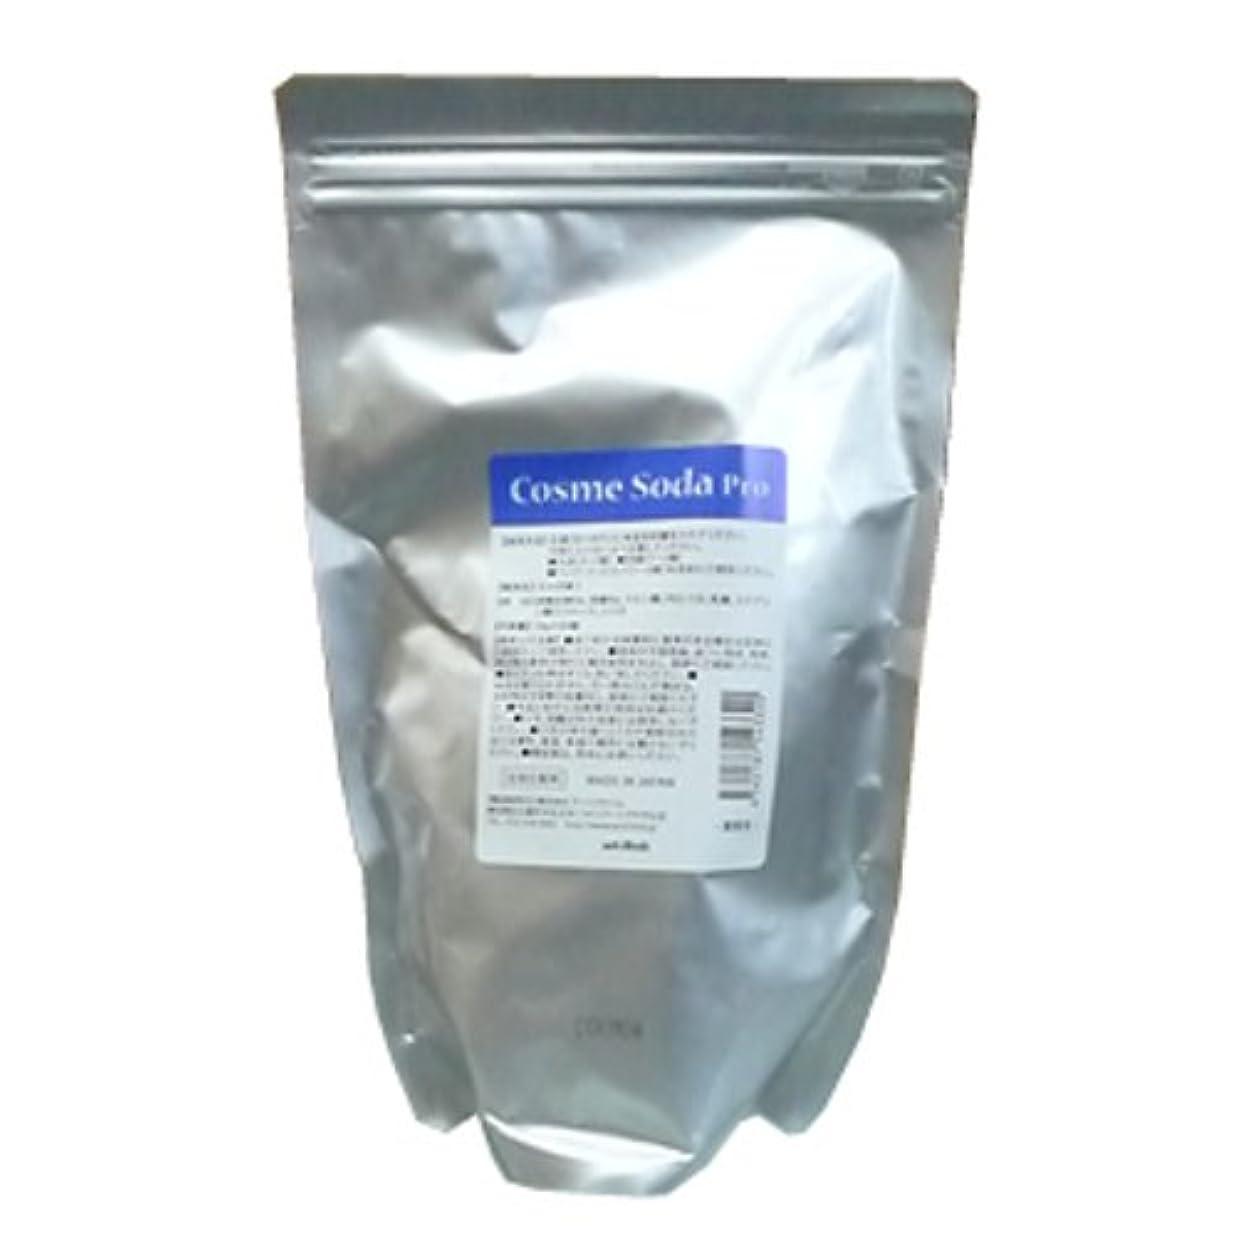 重炭酸SPA Cosme Soda Pro(コスメソーダプロ) 16g×60錠入り(業務用)